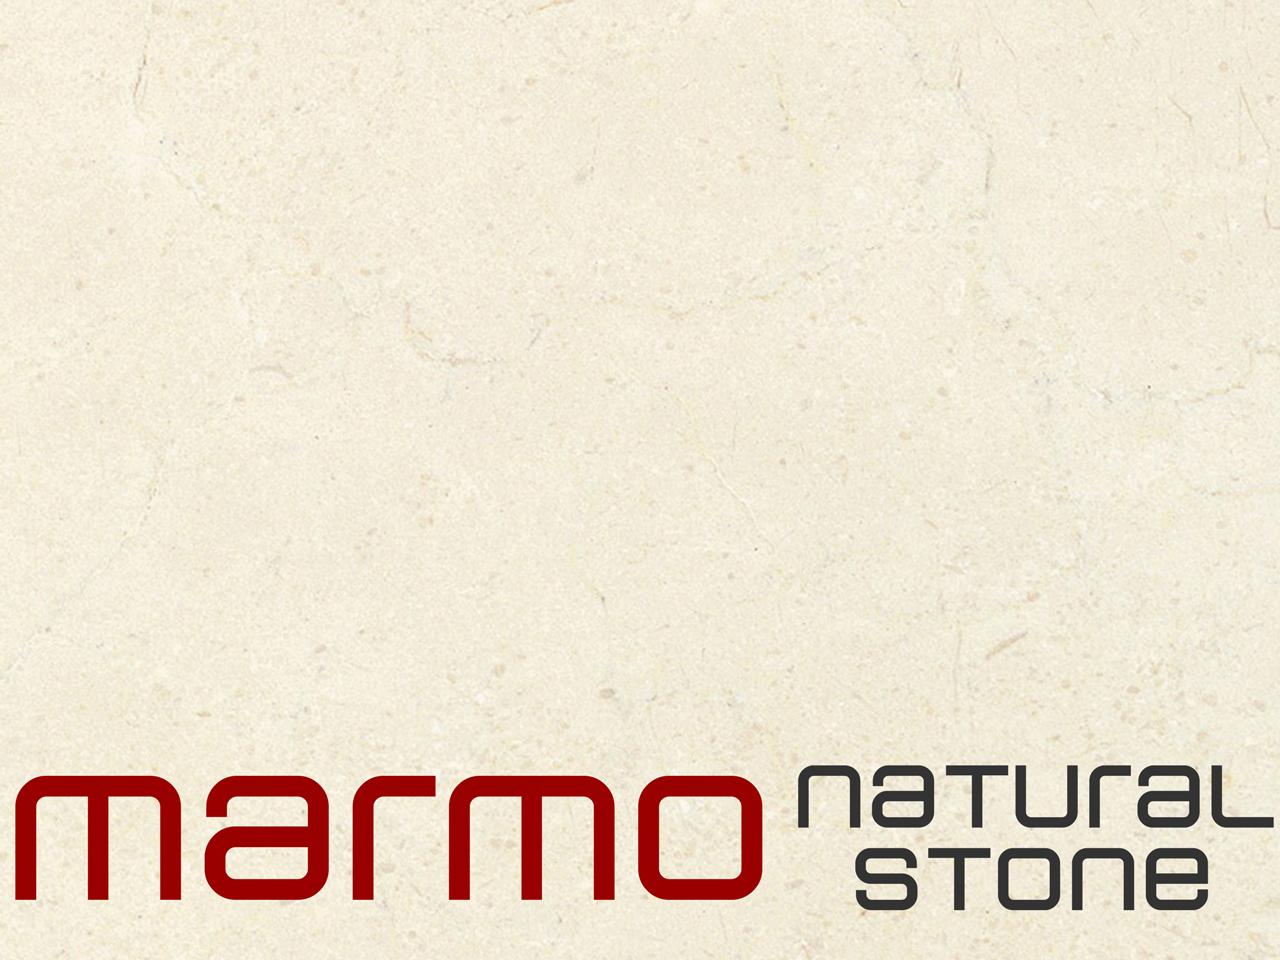 Spanish Marble Crema Marfil - MARMO